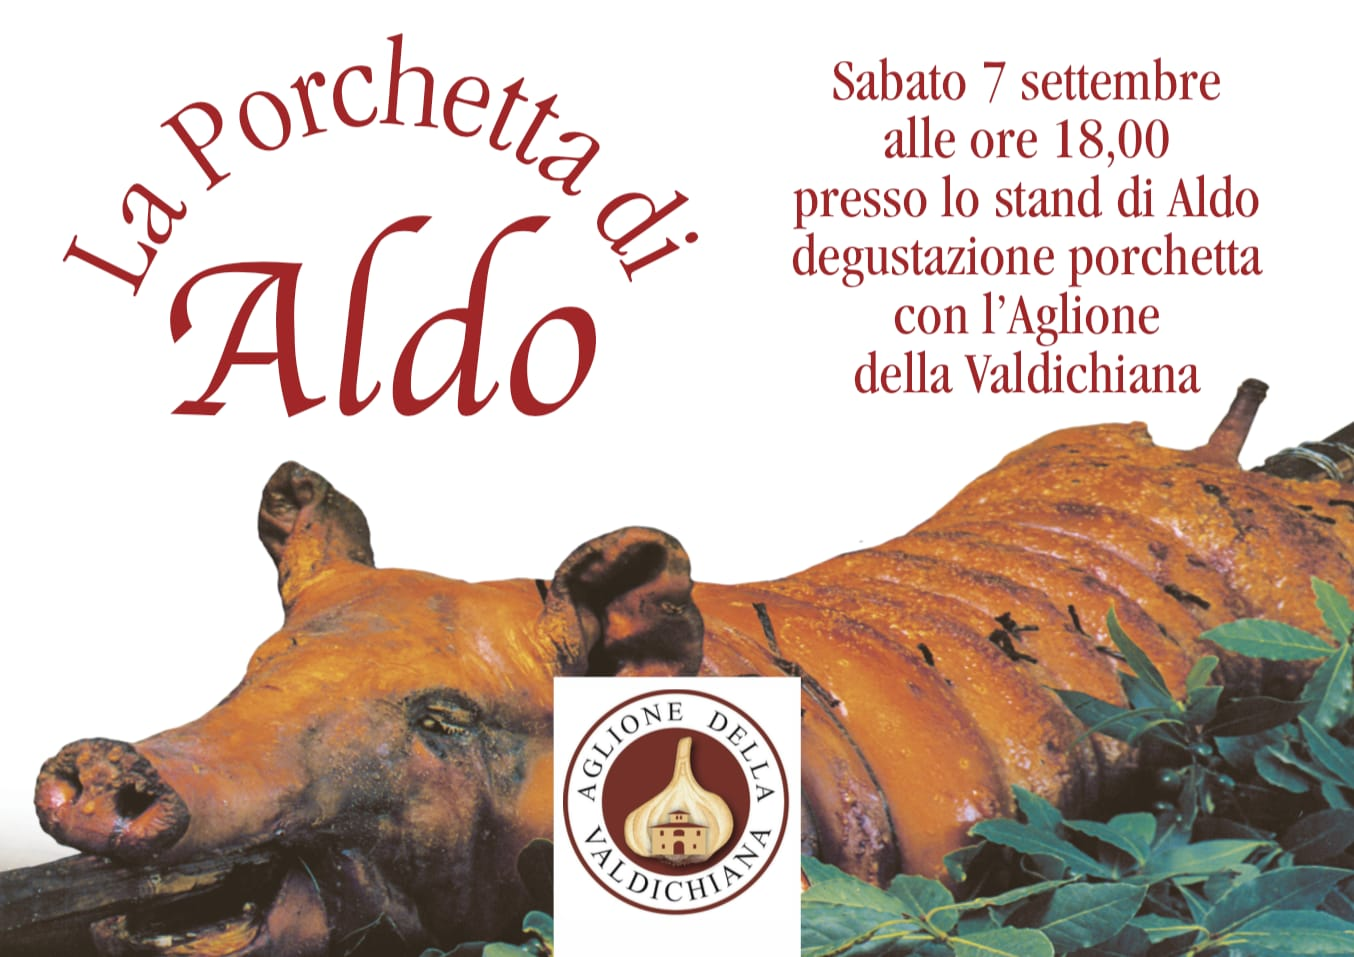 A Monte San Savino la Porchetta incontra l'aglione della Valdichiana